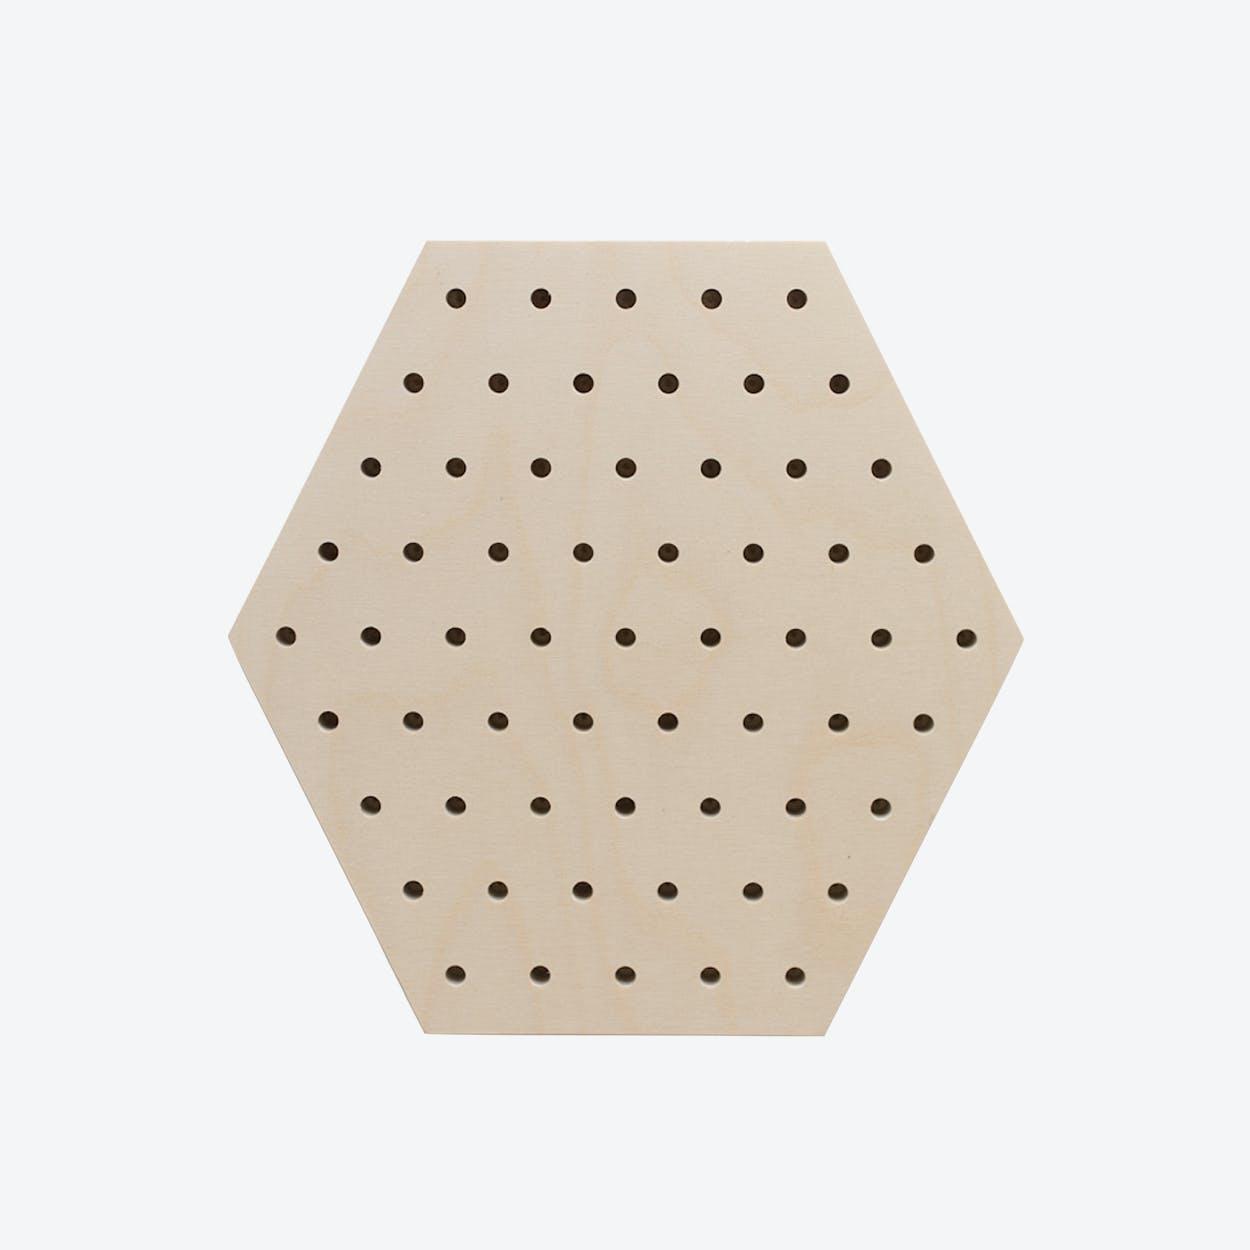 Hexagon Pegboard